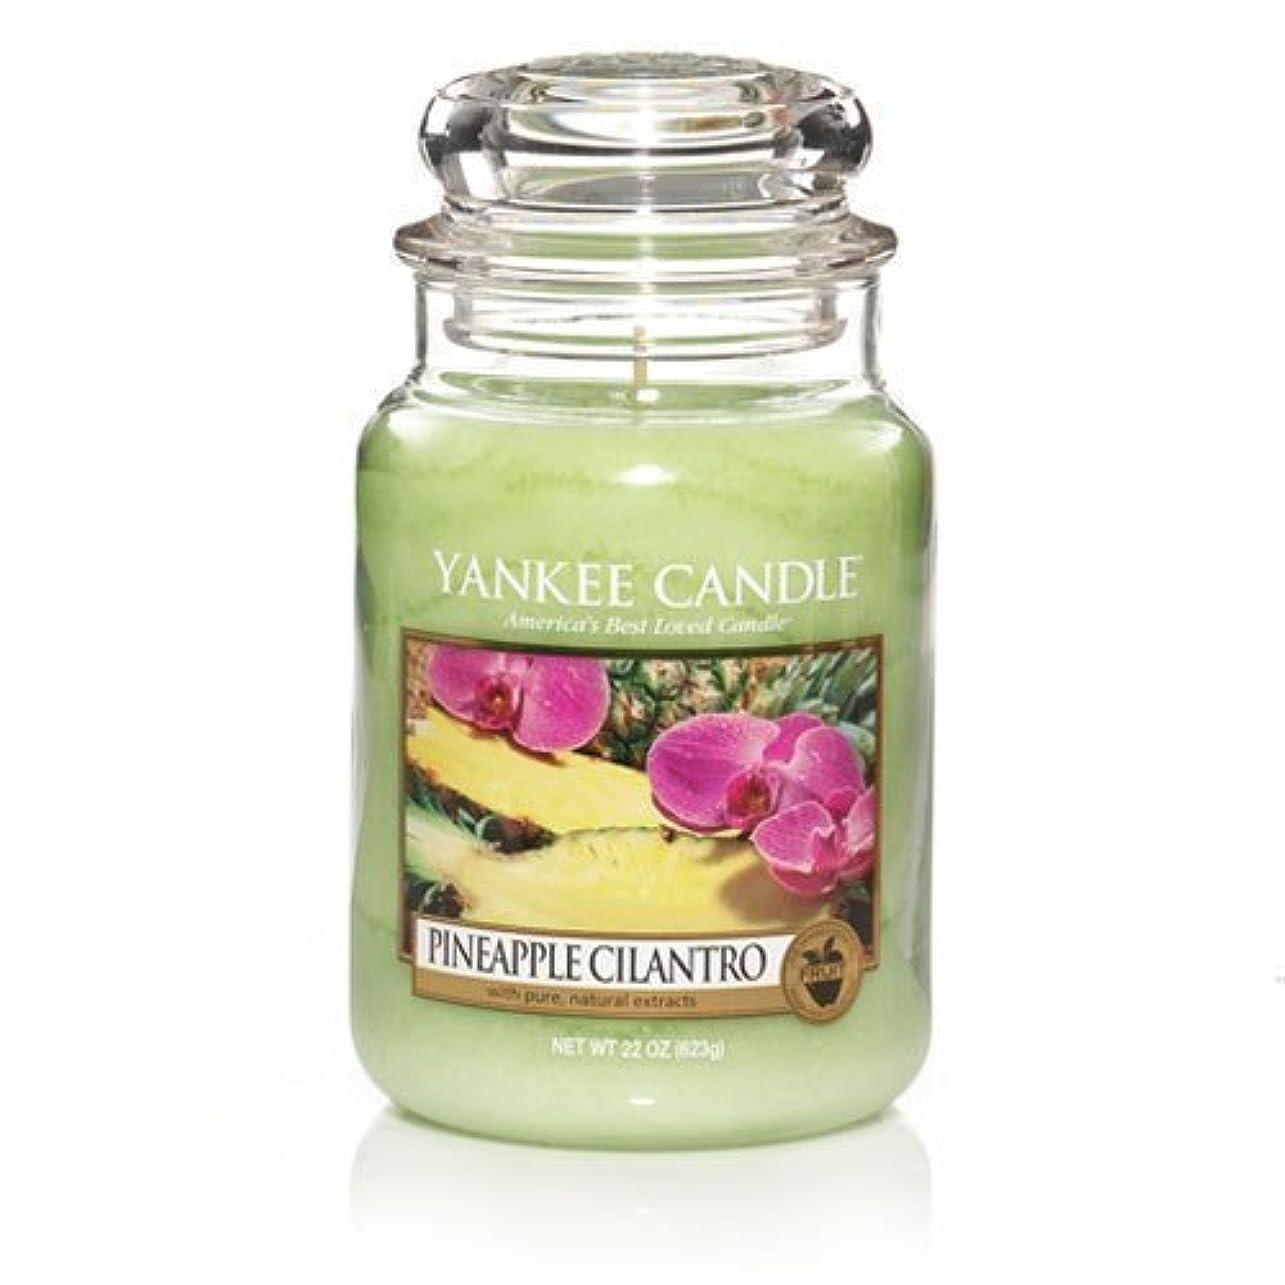 クリップ限りスティックYankee Candle Pineapple Cilantro Large Jar 22oz Candle by Amazon source [並行輸入品]